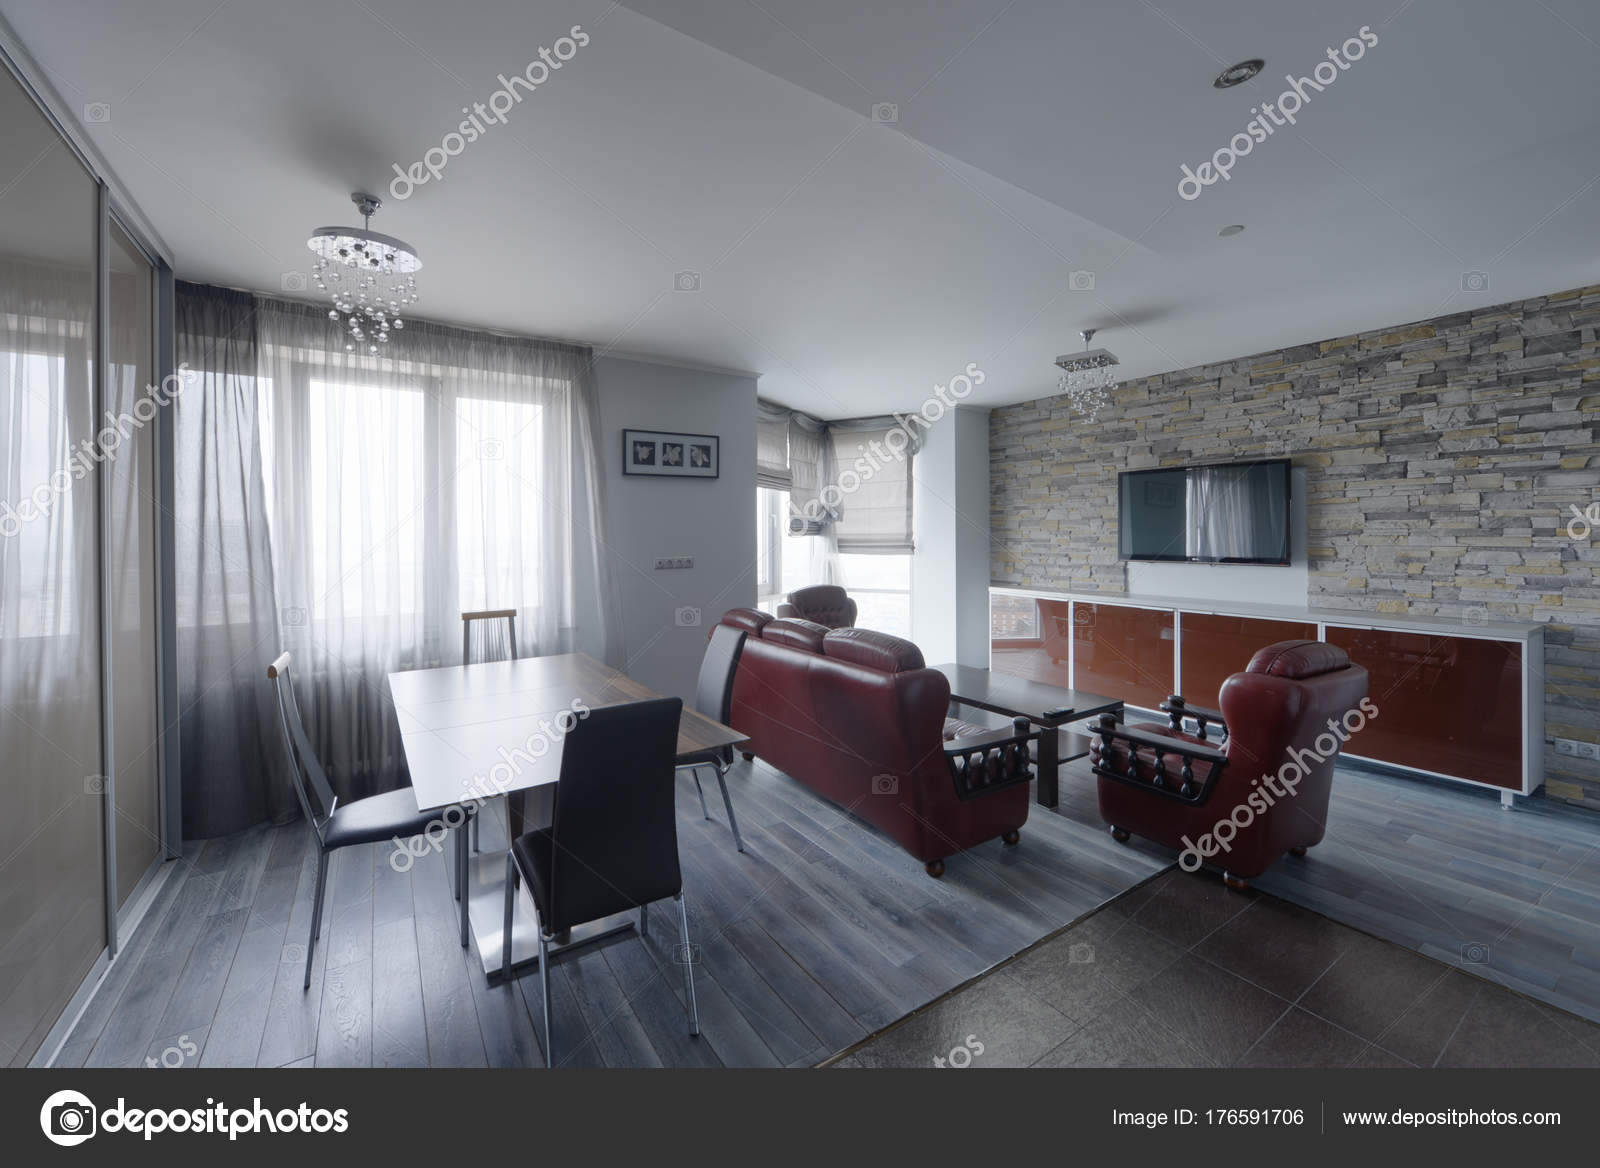 Wohnzimmer Interieur Modernes Haus — Stockfoto © ovchinnikovfoto ...